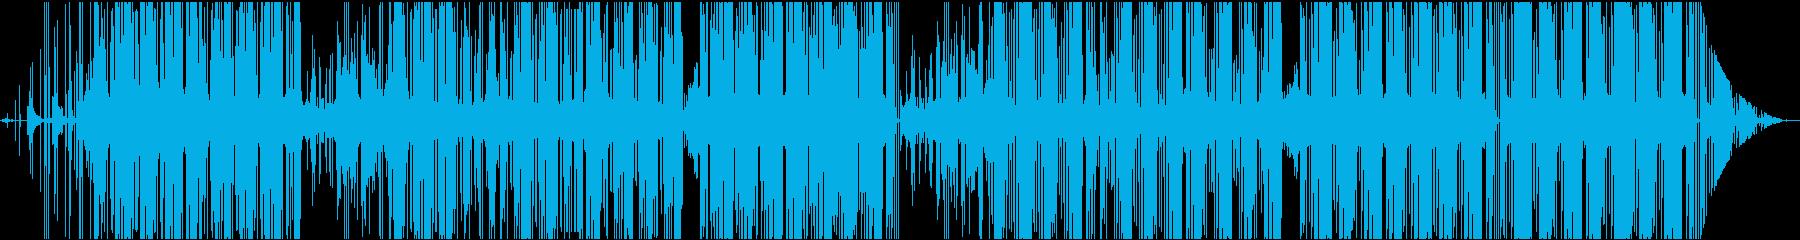 黒いTrapならコレの再生済みの波形